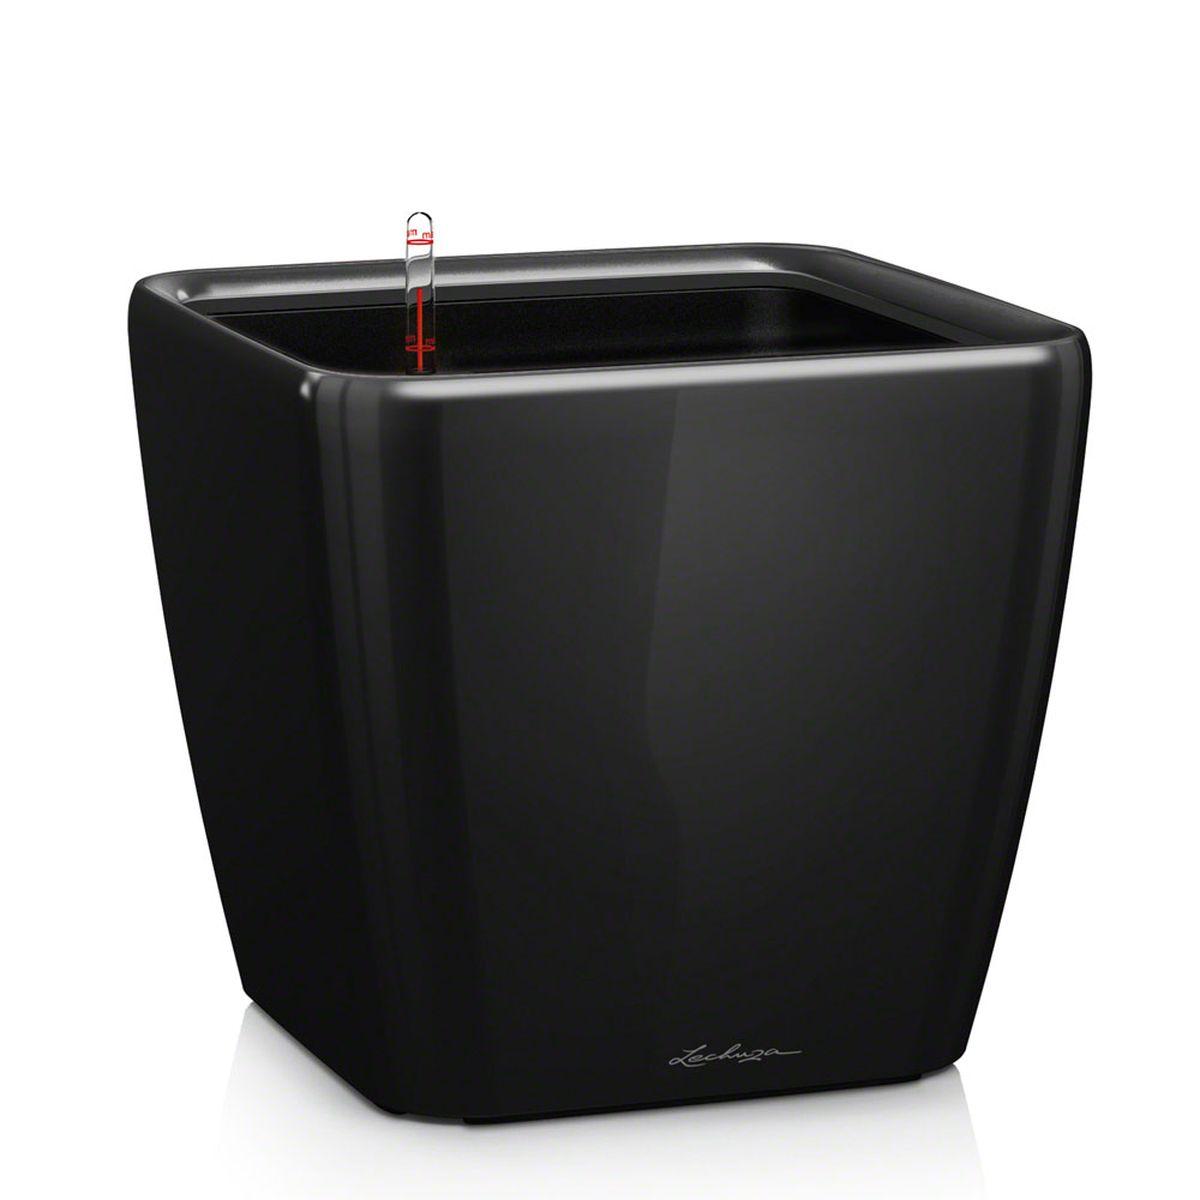 Кашпо Lechuza Quadro, с системой автополива, цвет: черный, 28 х 28 х 26 см16149Кашпо Lechuza Quadro, выполненное из высококачественного пластика, имеет уникальную систему автополива, благодаря которой корневая система растения непрерывно снабжается влагой из резервуара. Уровень воды в резервуаре контролируется с помощью специального индикатора. В зависимости от размера кашпо и растения воды хватает на 2-12 недель. Это способствует хорошему росту цветов и предотвращает переувлажнение. В набор входит: кашпо, внутренний горшок с выдвижной эргономичной ручкой, индикатор уровня воды, вал подачи воды, субстрат растений в качестве дренажного слоя, резервуар для воды. Кашпо Lechuza Quadro прекрасно впишется в любой интерьер. Оно поможет расставить нужные акценты, а также придаст помещению вид, соответствующий вашим представлениям.